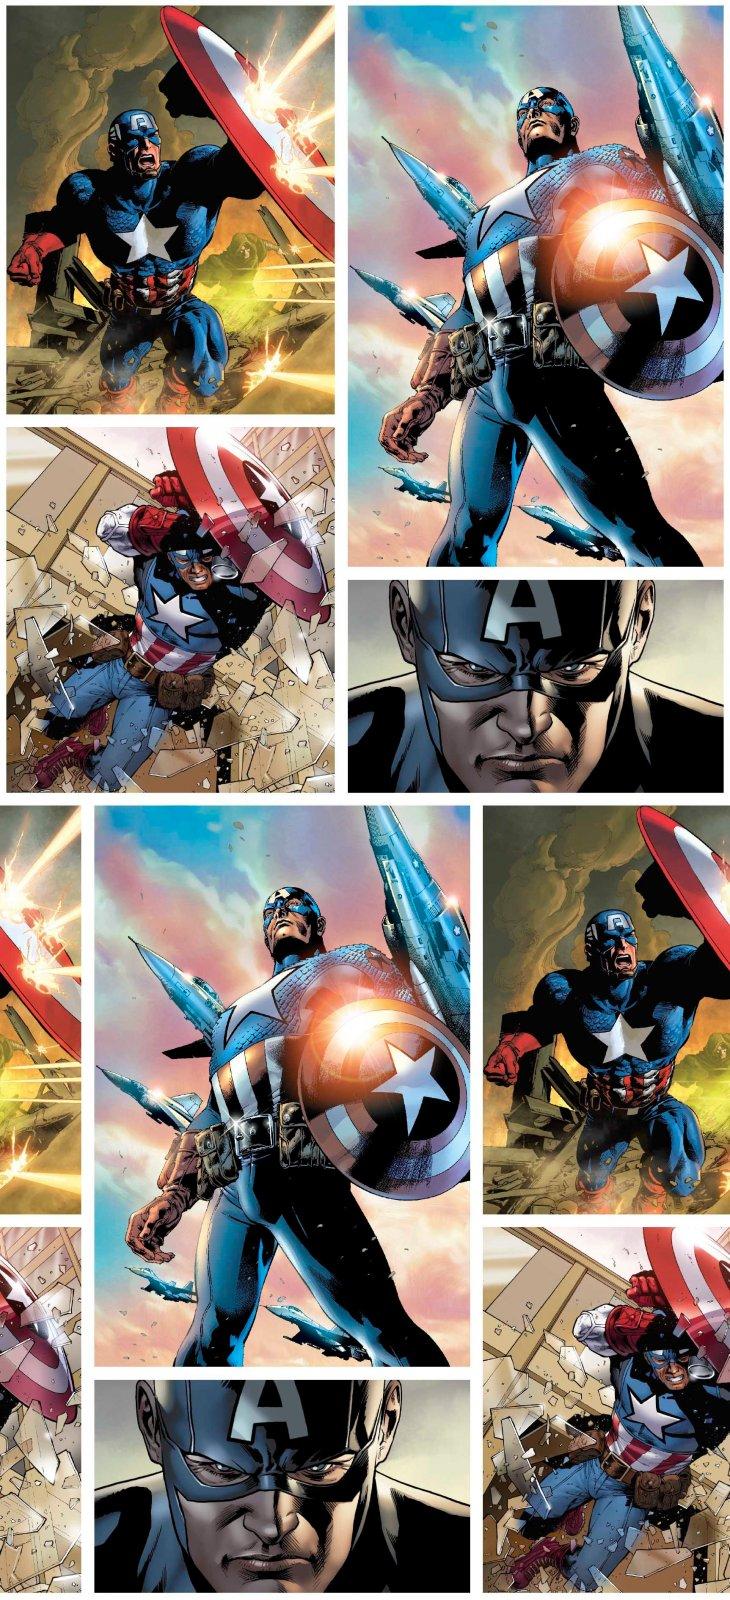 PROMO* SC-Marvel Avengers Digital 71006-A620715 Marvel Captain America